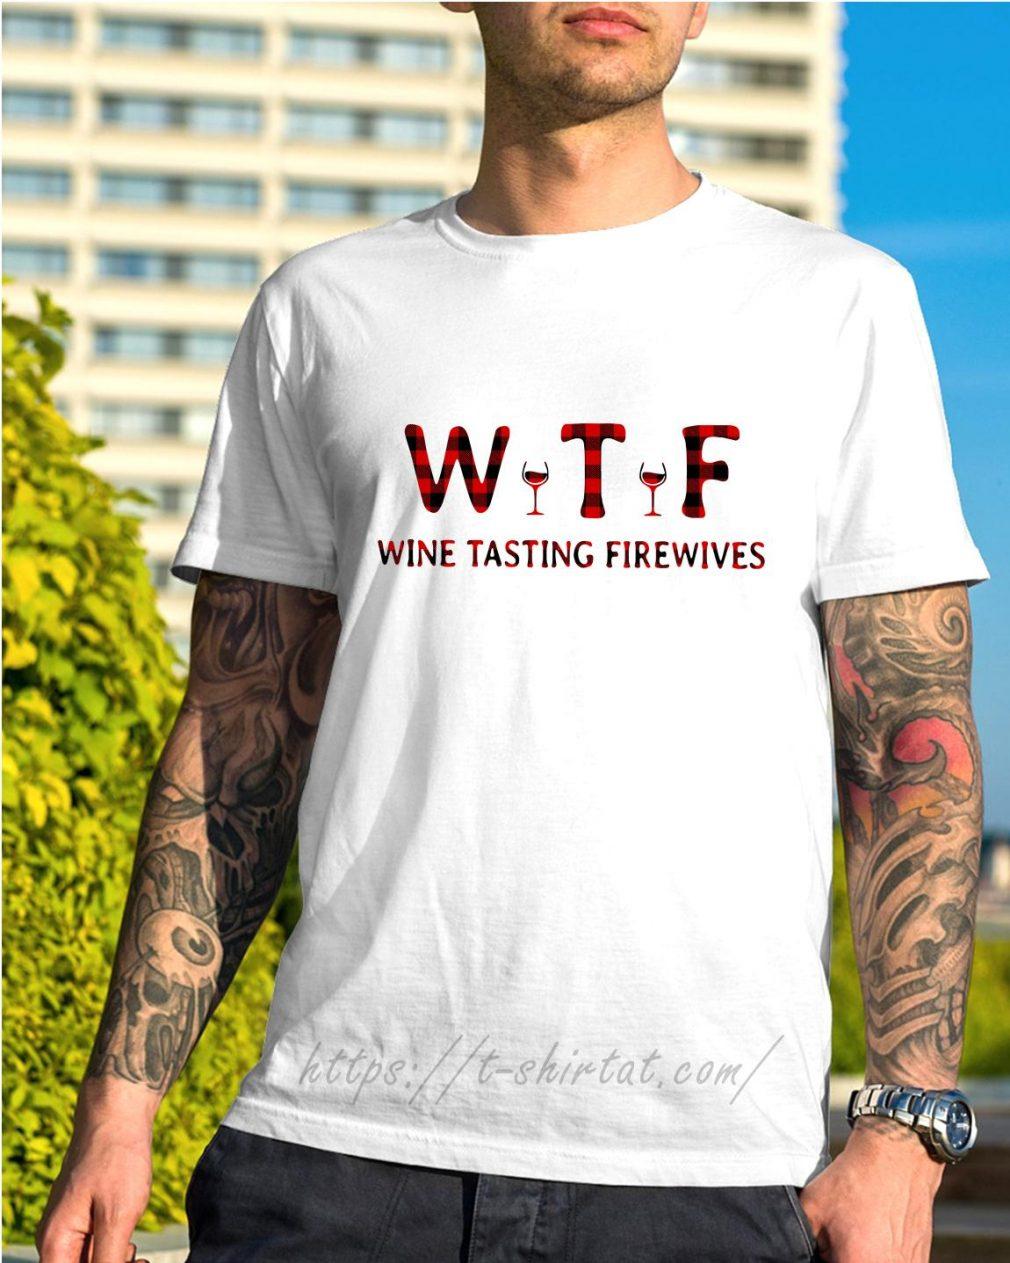 WTF wine tasting firewives shirt